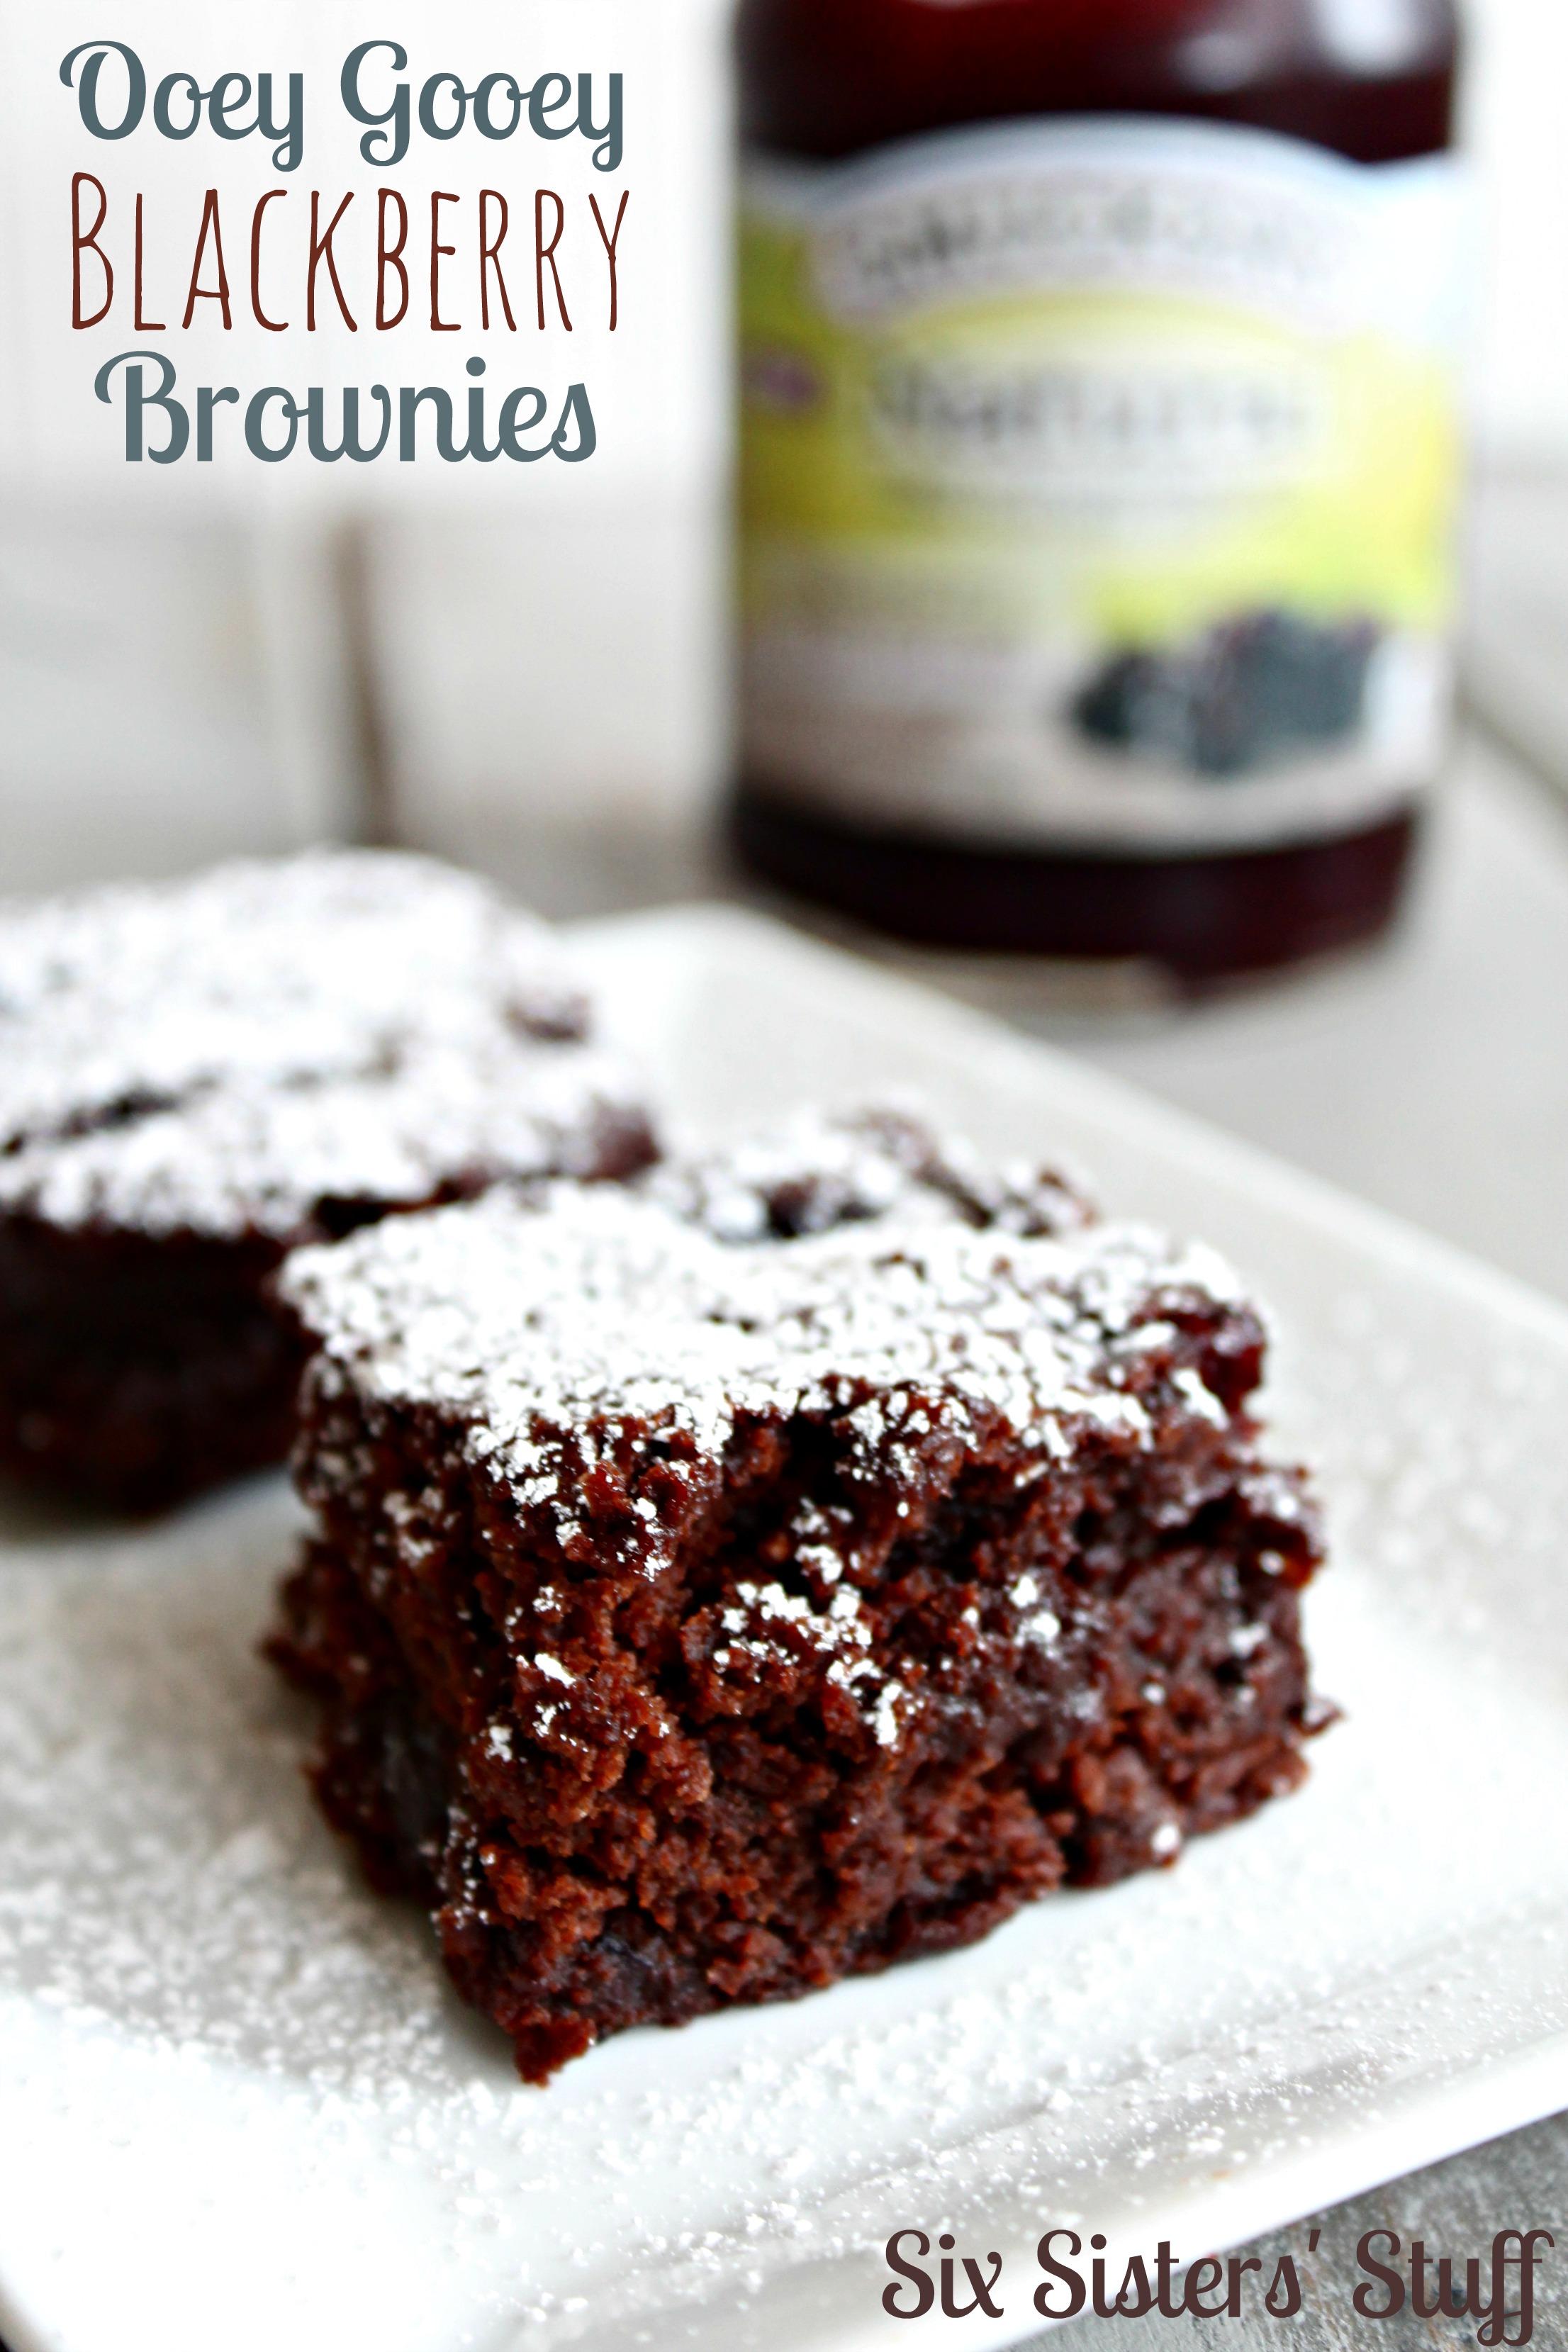 Ooey Gooey Blackberry Brownies